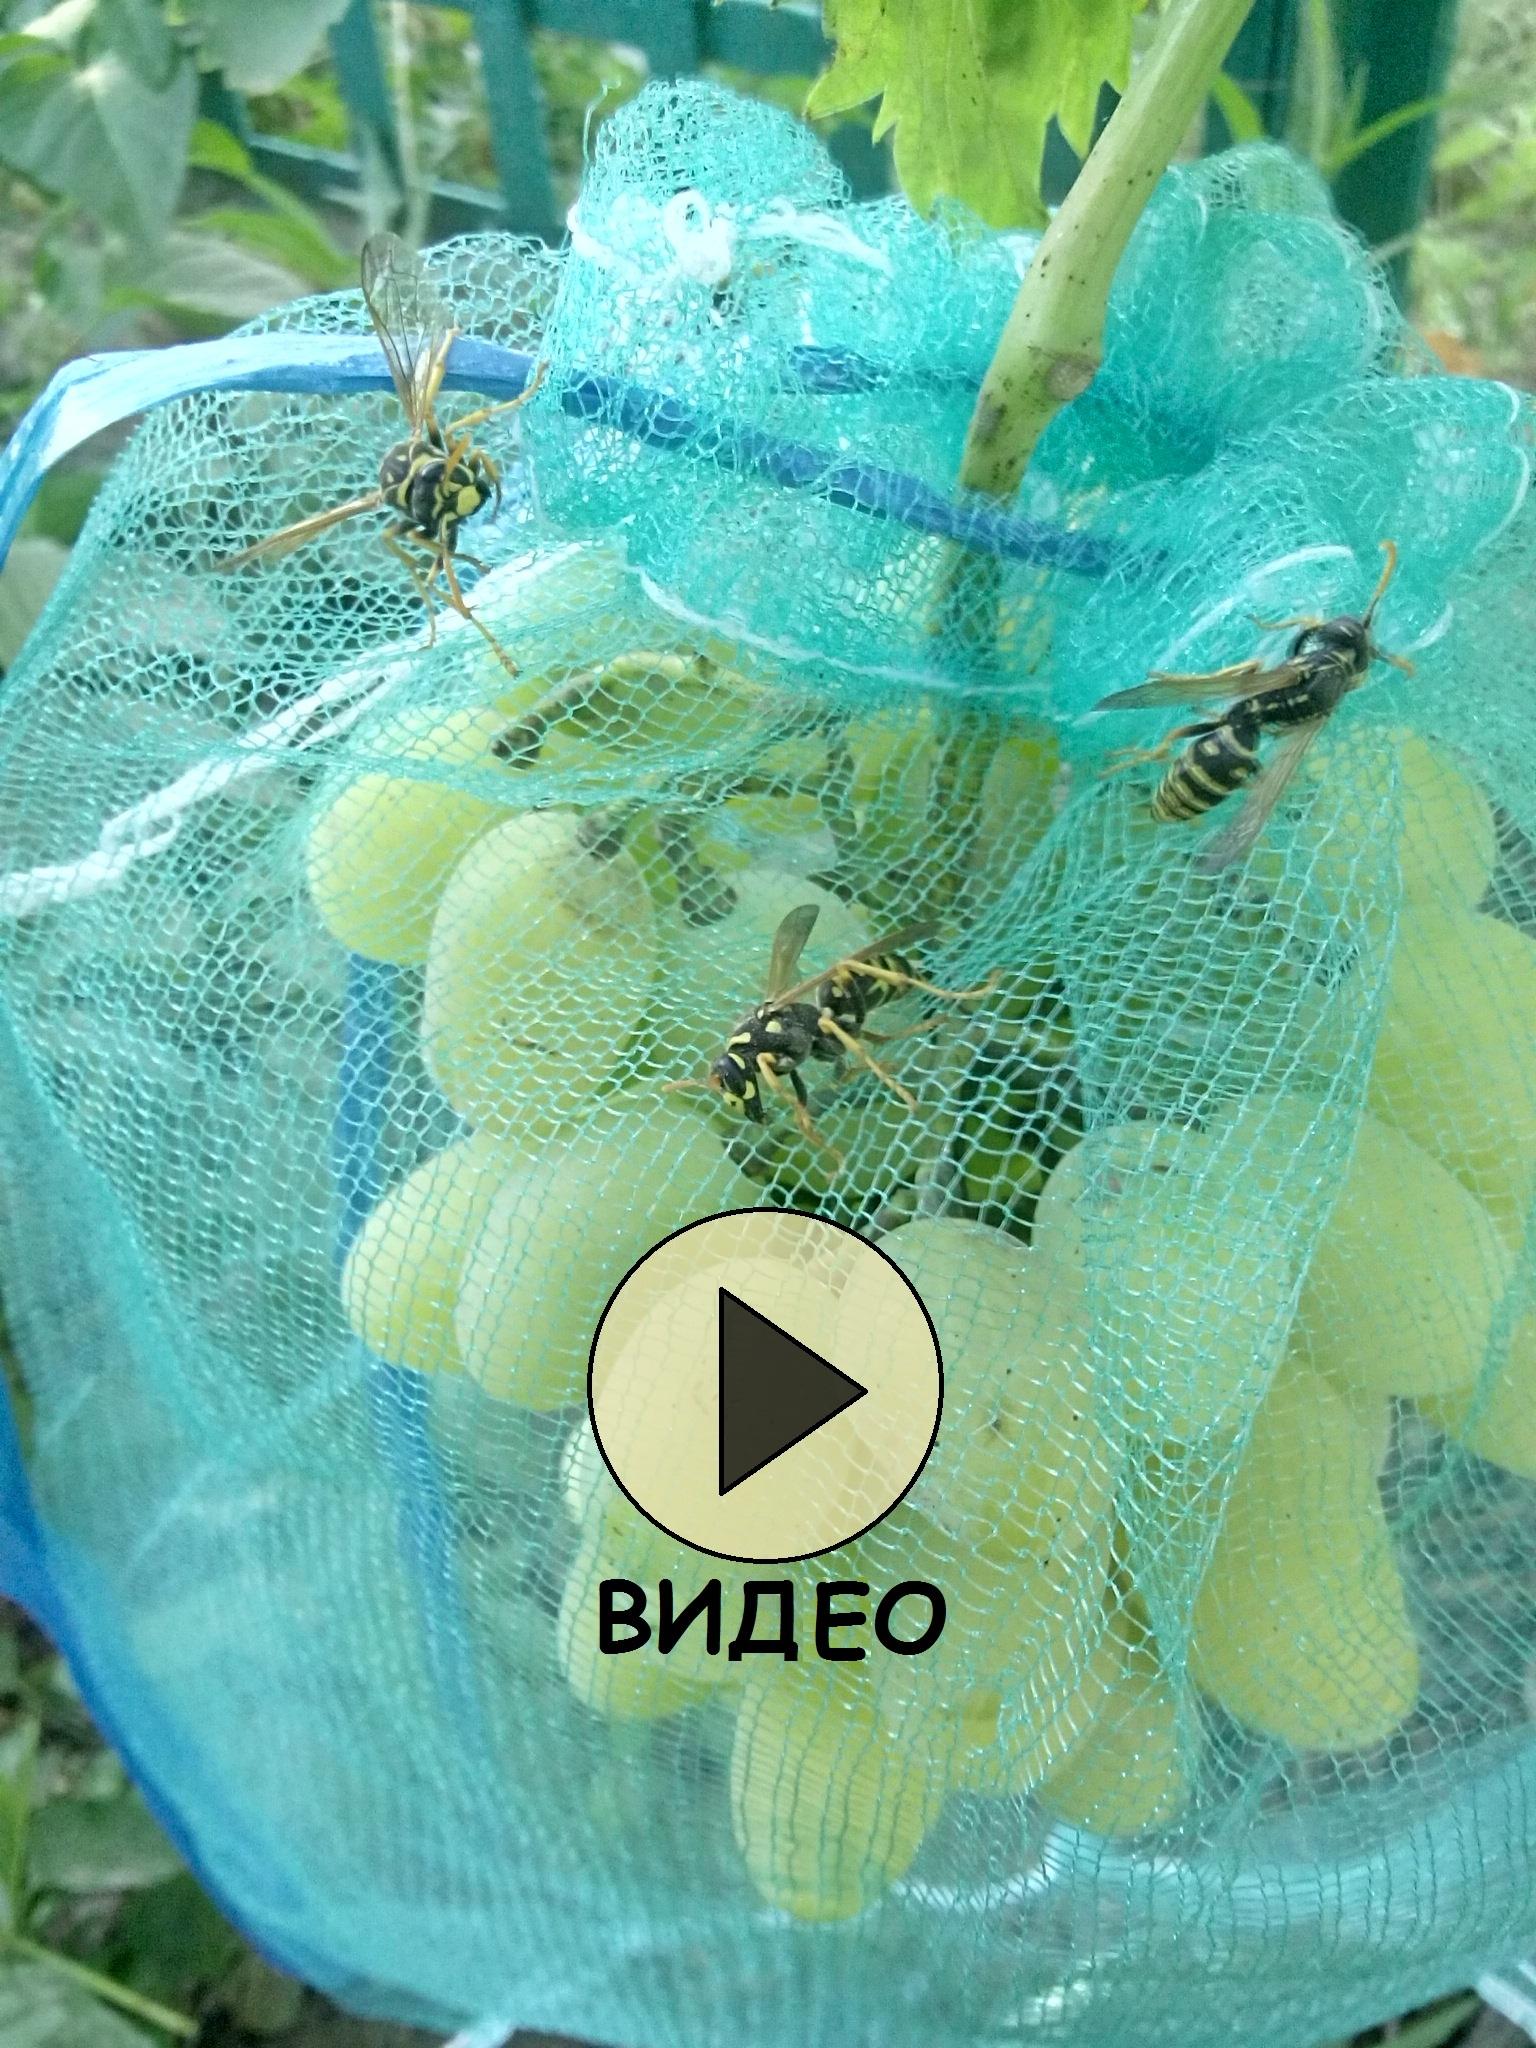 Защита от ос винограда с помощью мешочков из сетки.